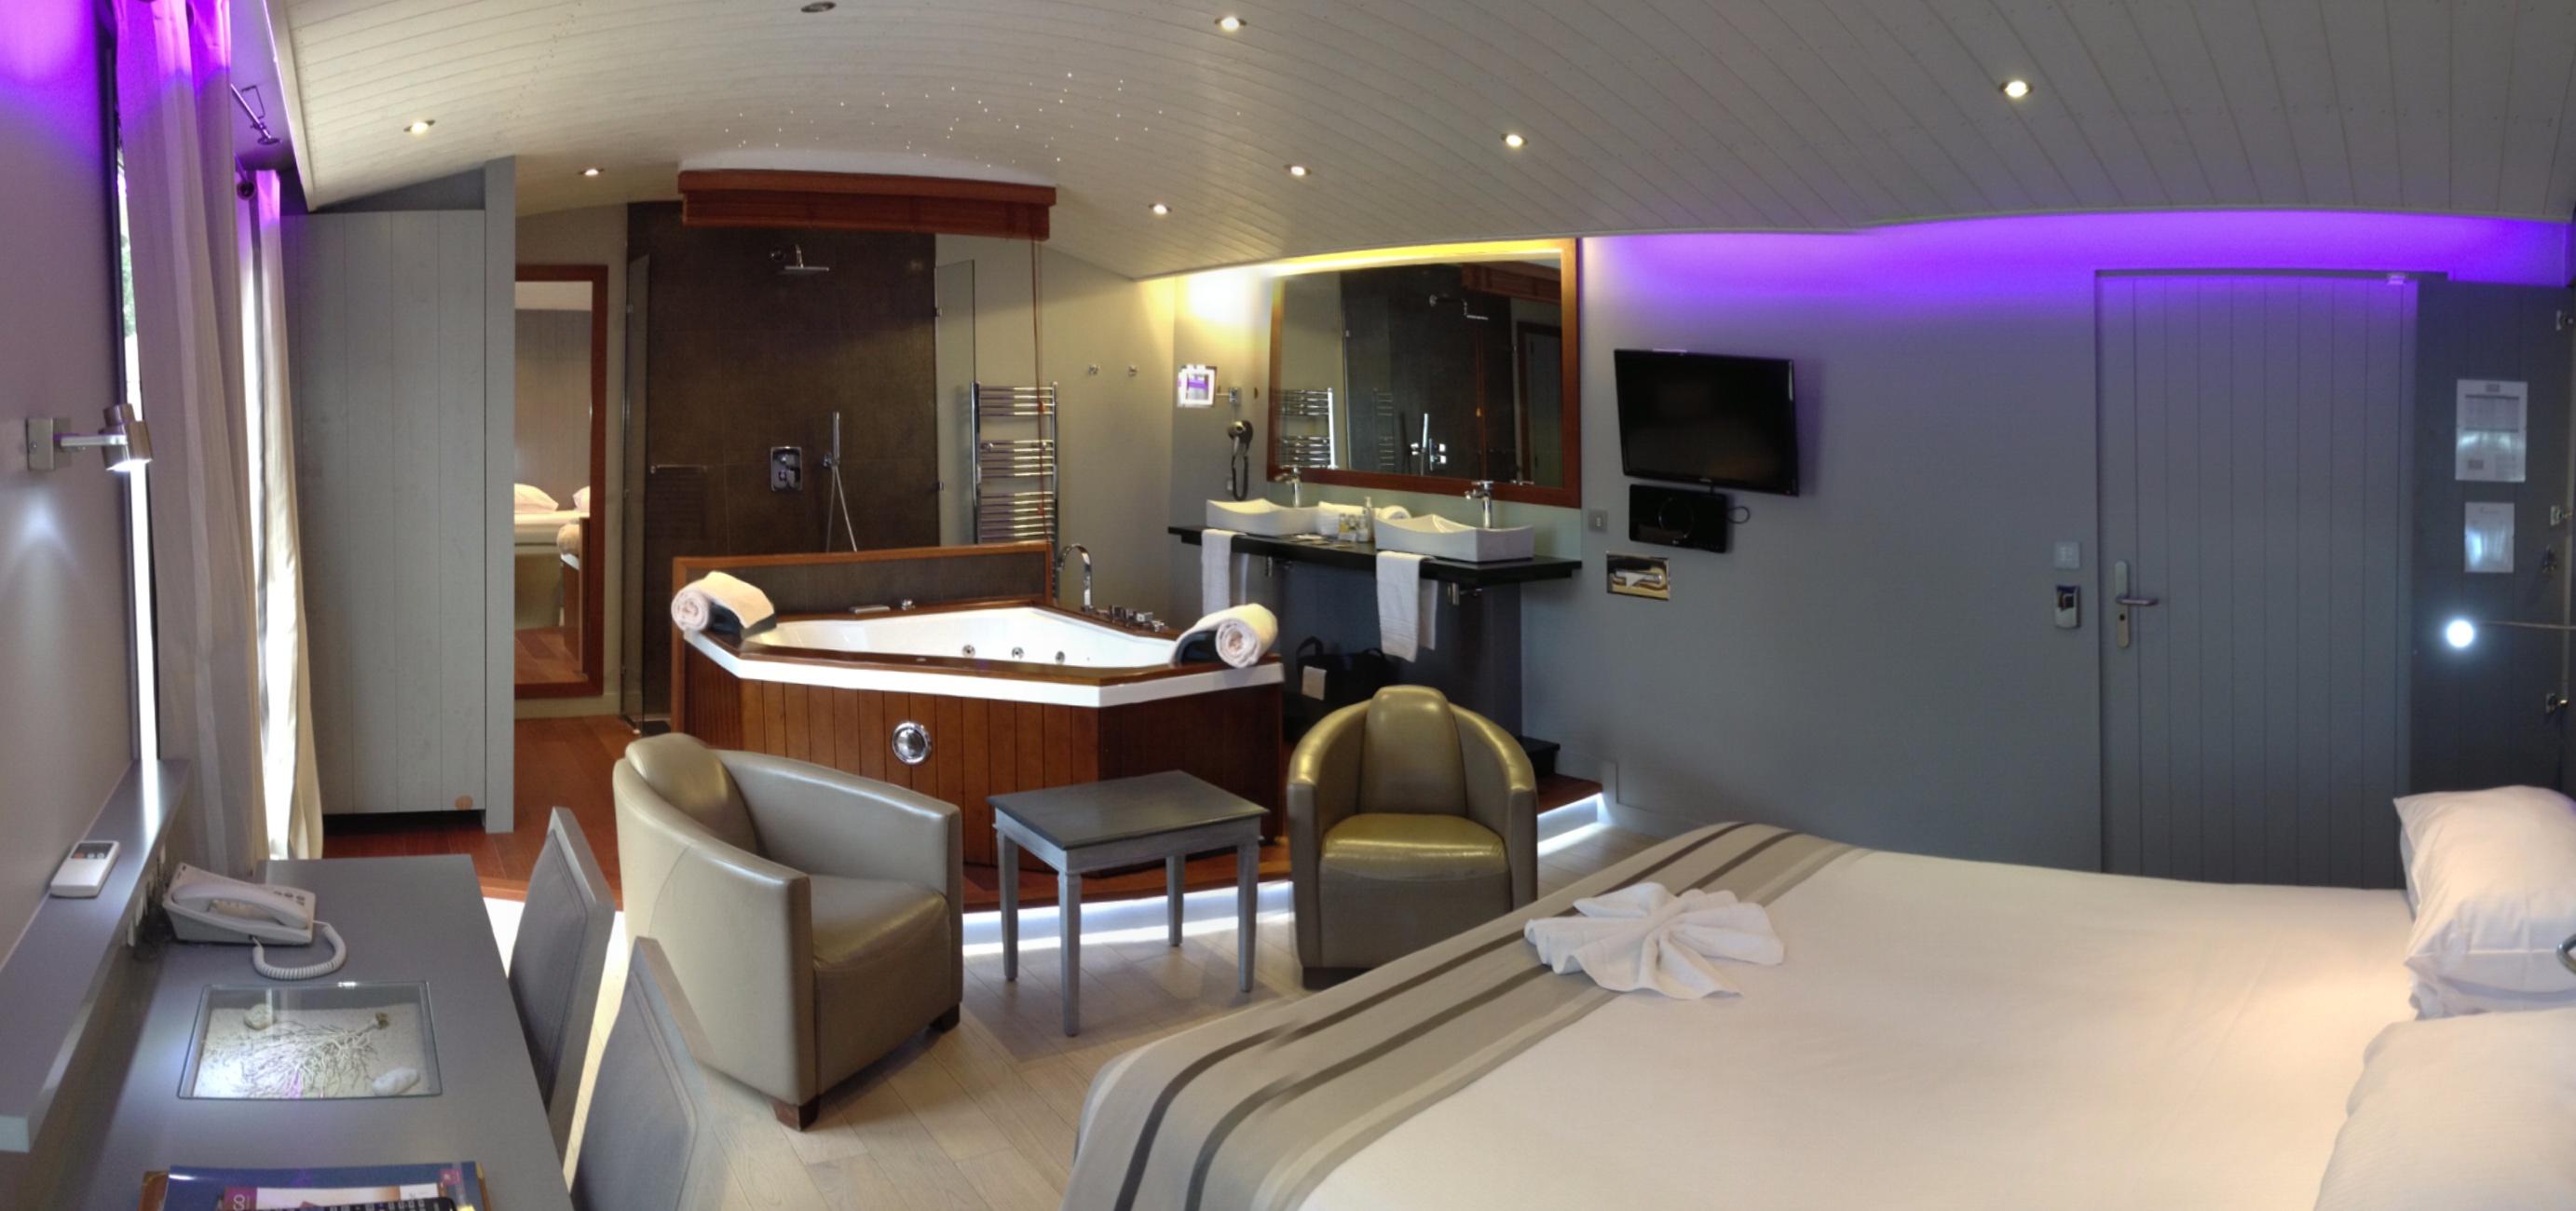 élégant Hotel Avec Jacuzzi Dans La Chambre Ile De France – Ravizh